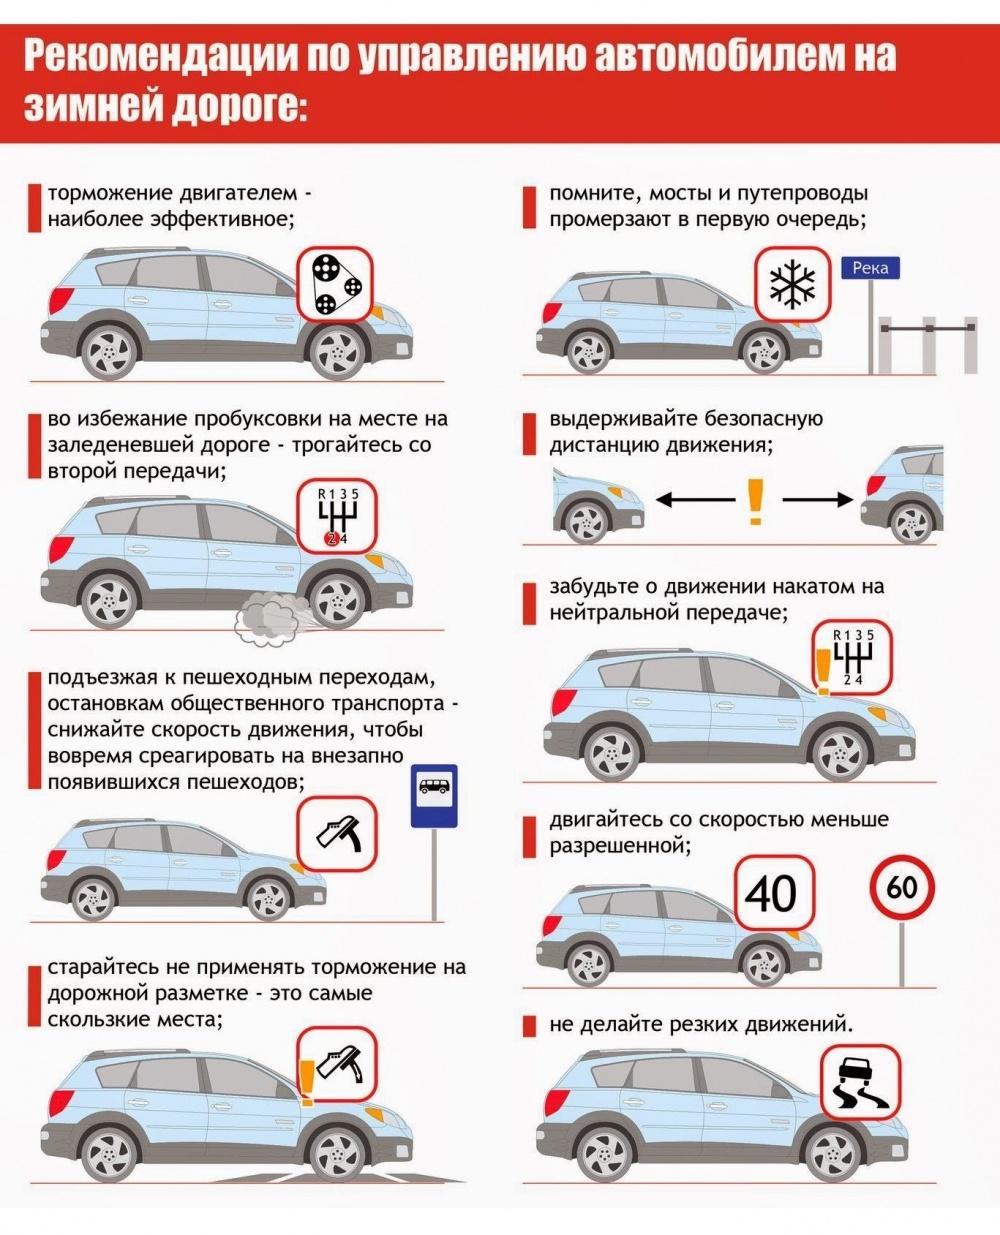 Рекомендации по управлению автомобилем на зимней дороге